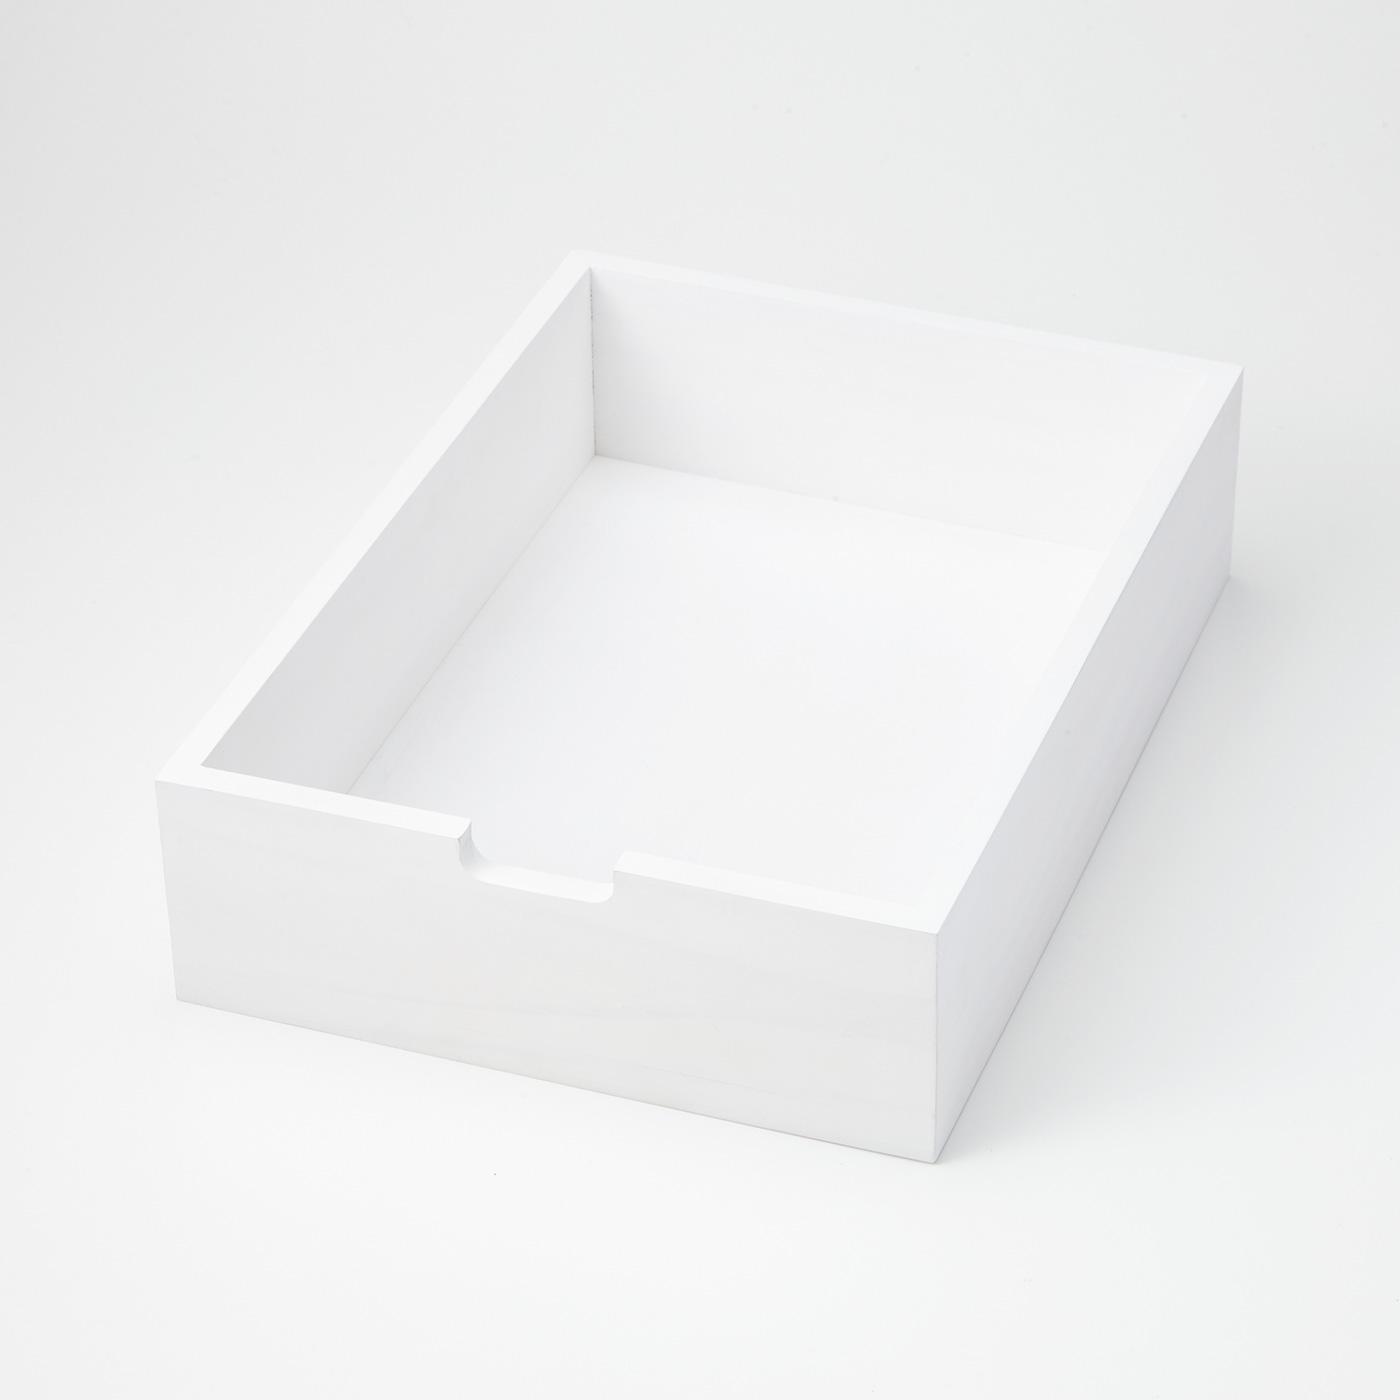 [内側引き出し]トレイやケースとして単独でも使えます。